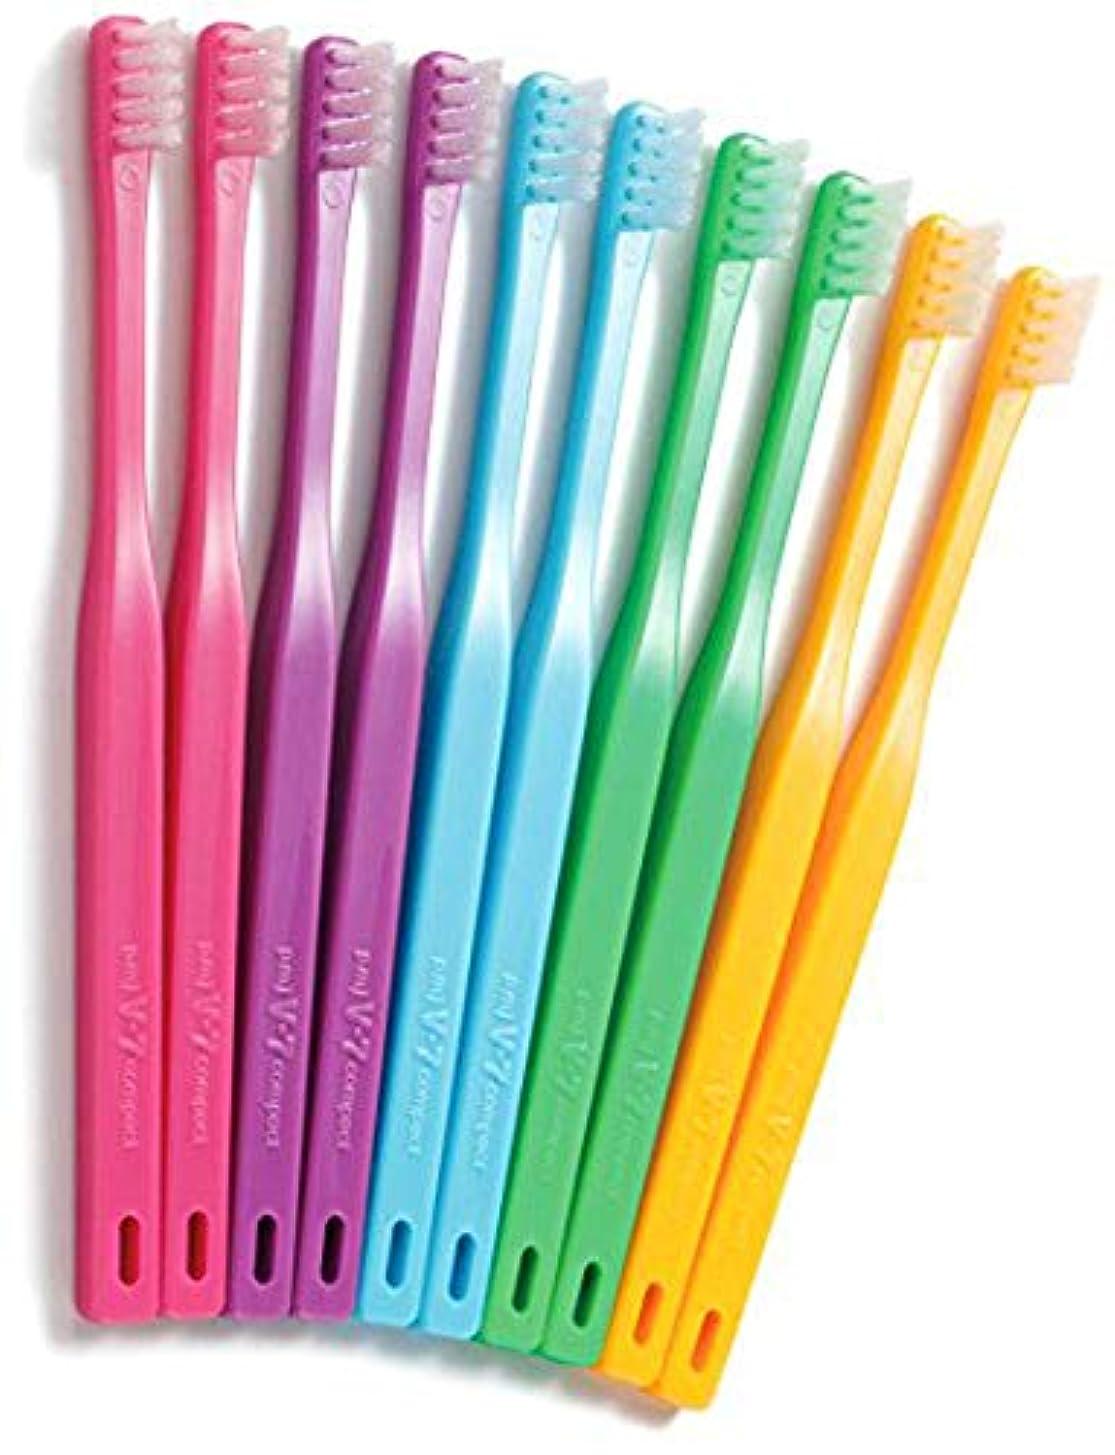 中絶コストデクリメントつまようじ法歯ブラシ V-7 コンパクトヘッド ビビッドカラー 1本